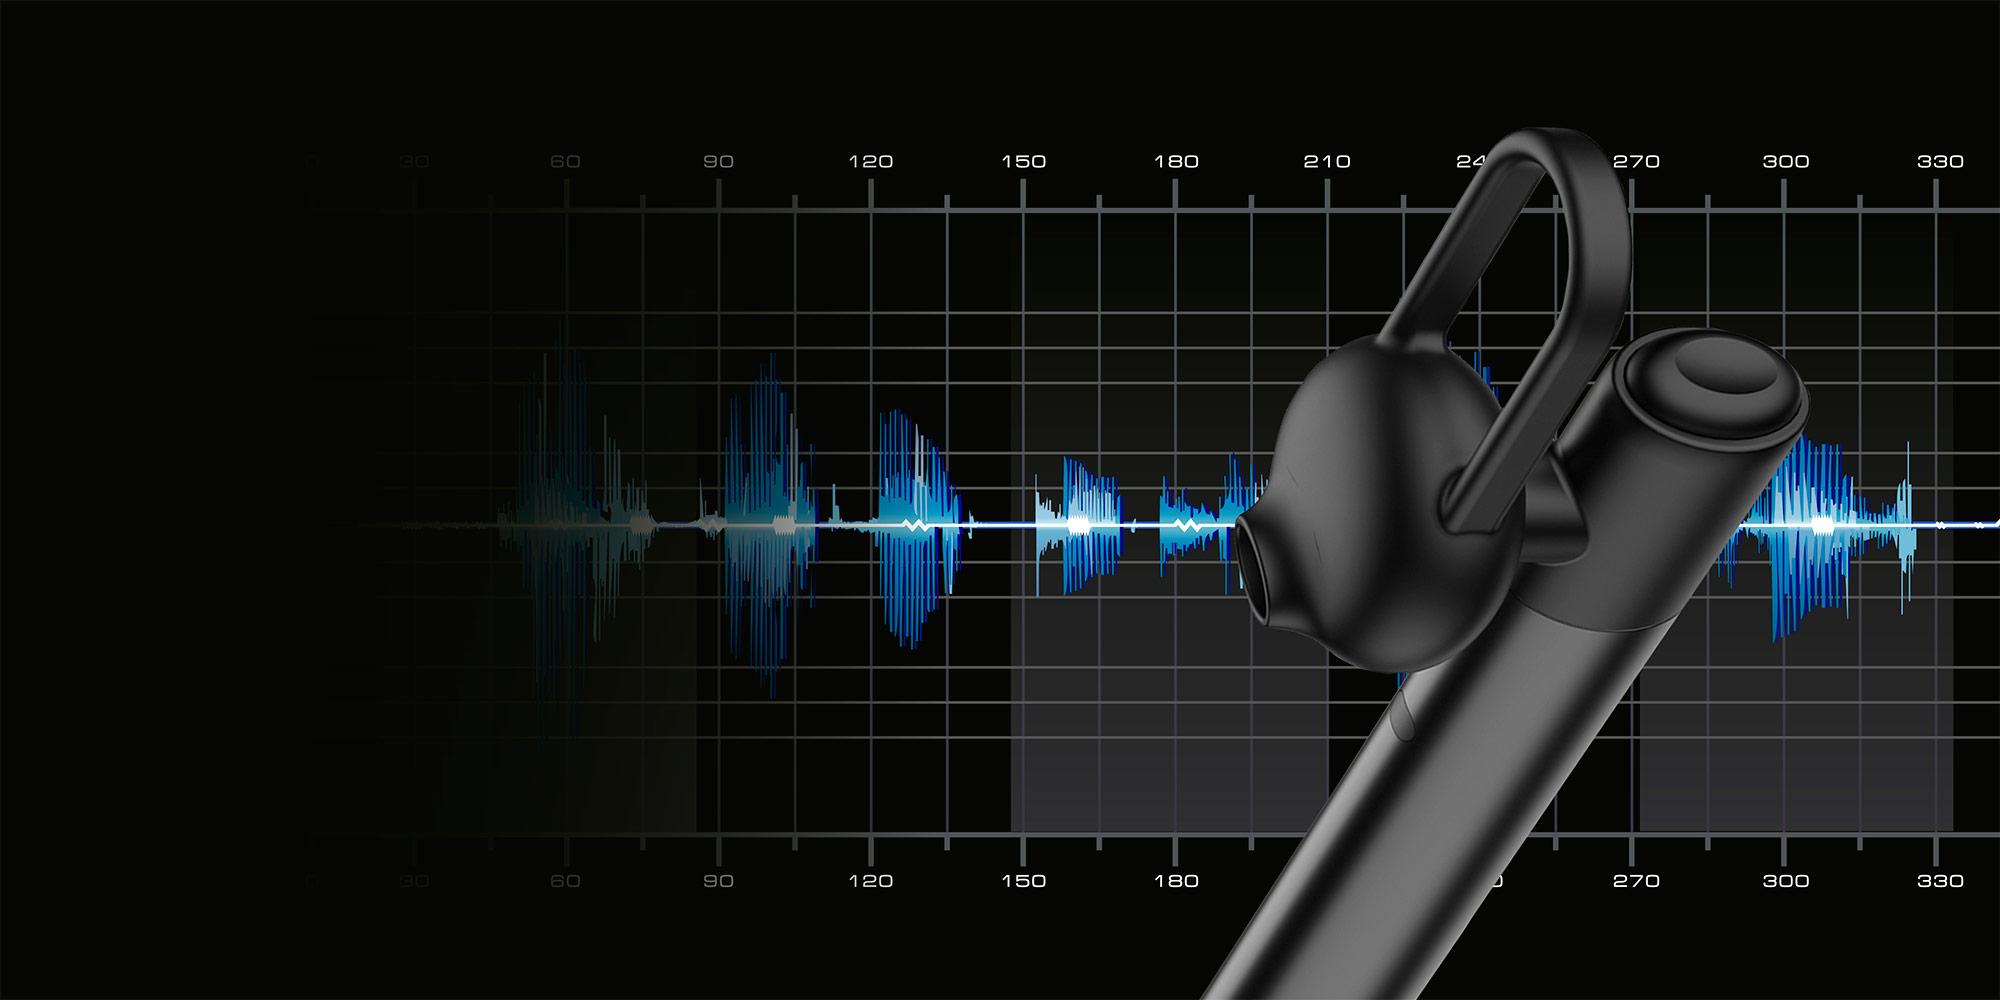 Datorita functiei HD Voice vei putea sa ai conversatii la o calitate mult mai buna, iar reducerea zgomotului ambiental va face ca cel cu care vorbesti sa te auda perfect, fie ca esti in masina sau in aer liber.